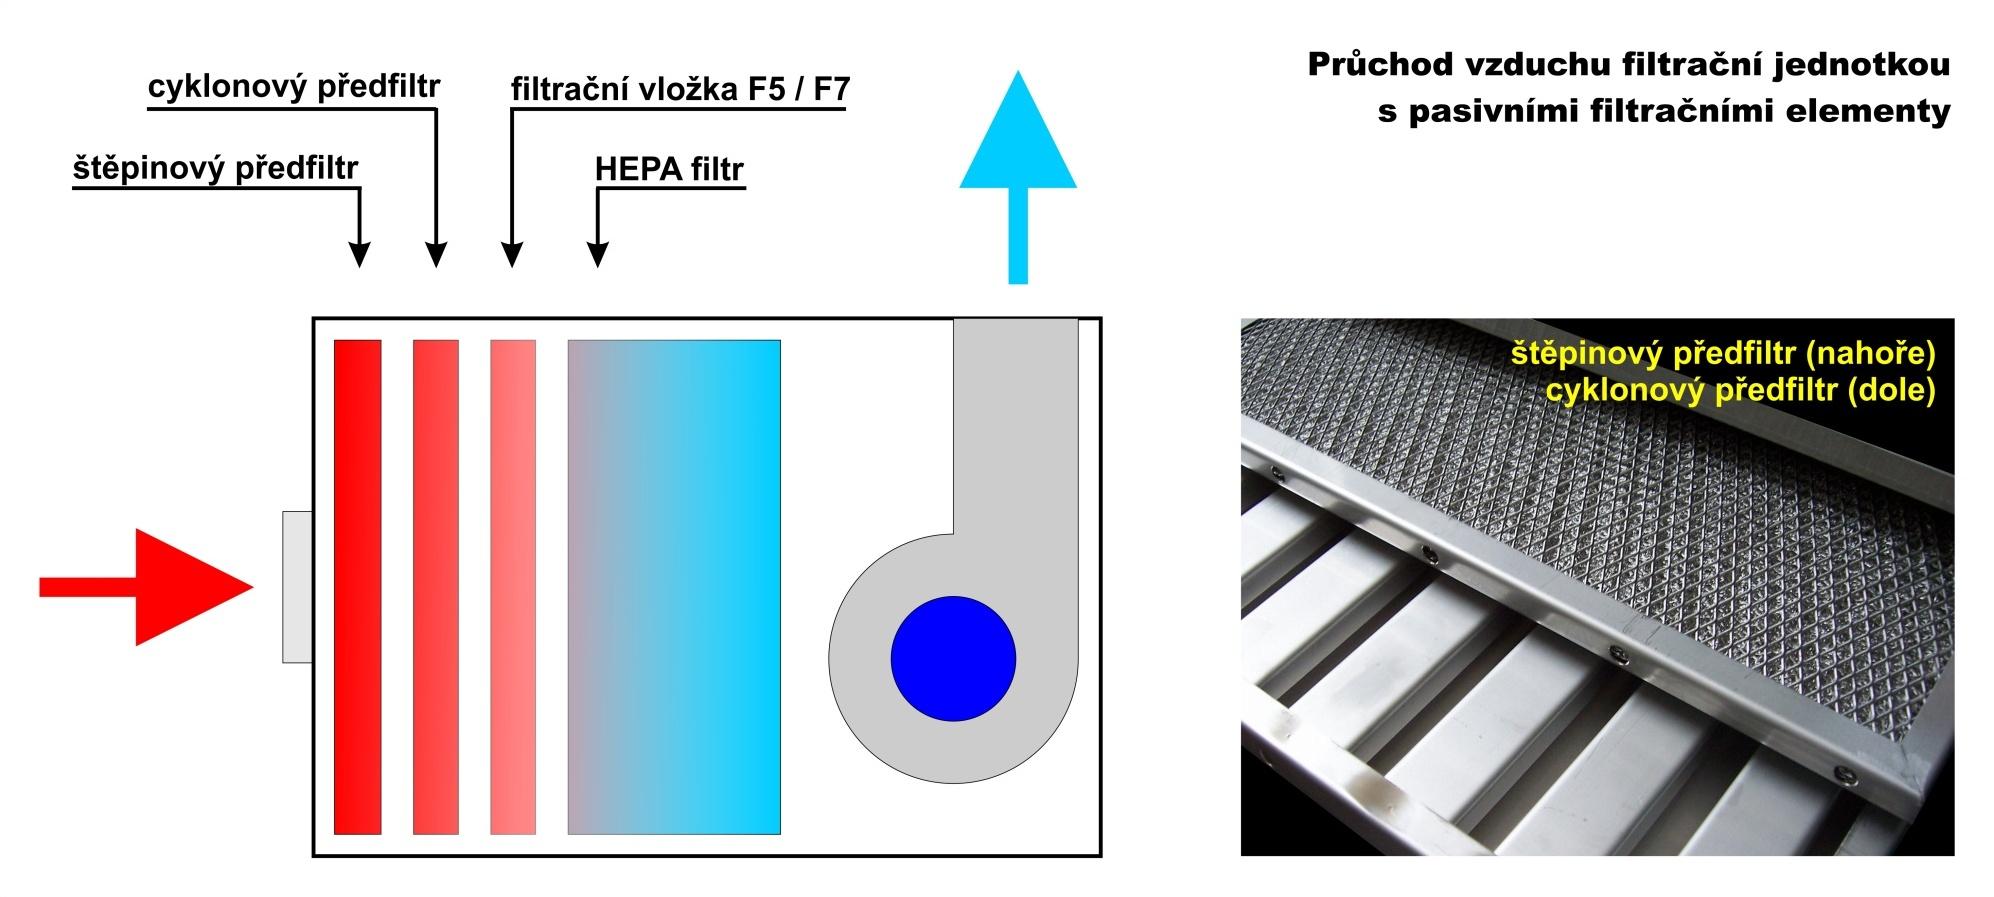 Principy filtrace - filtr s pasivními prvky, schema